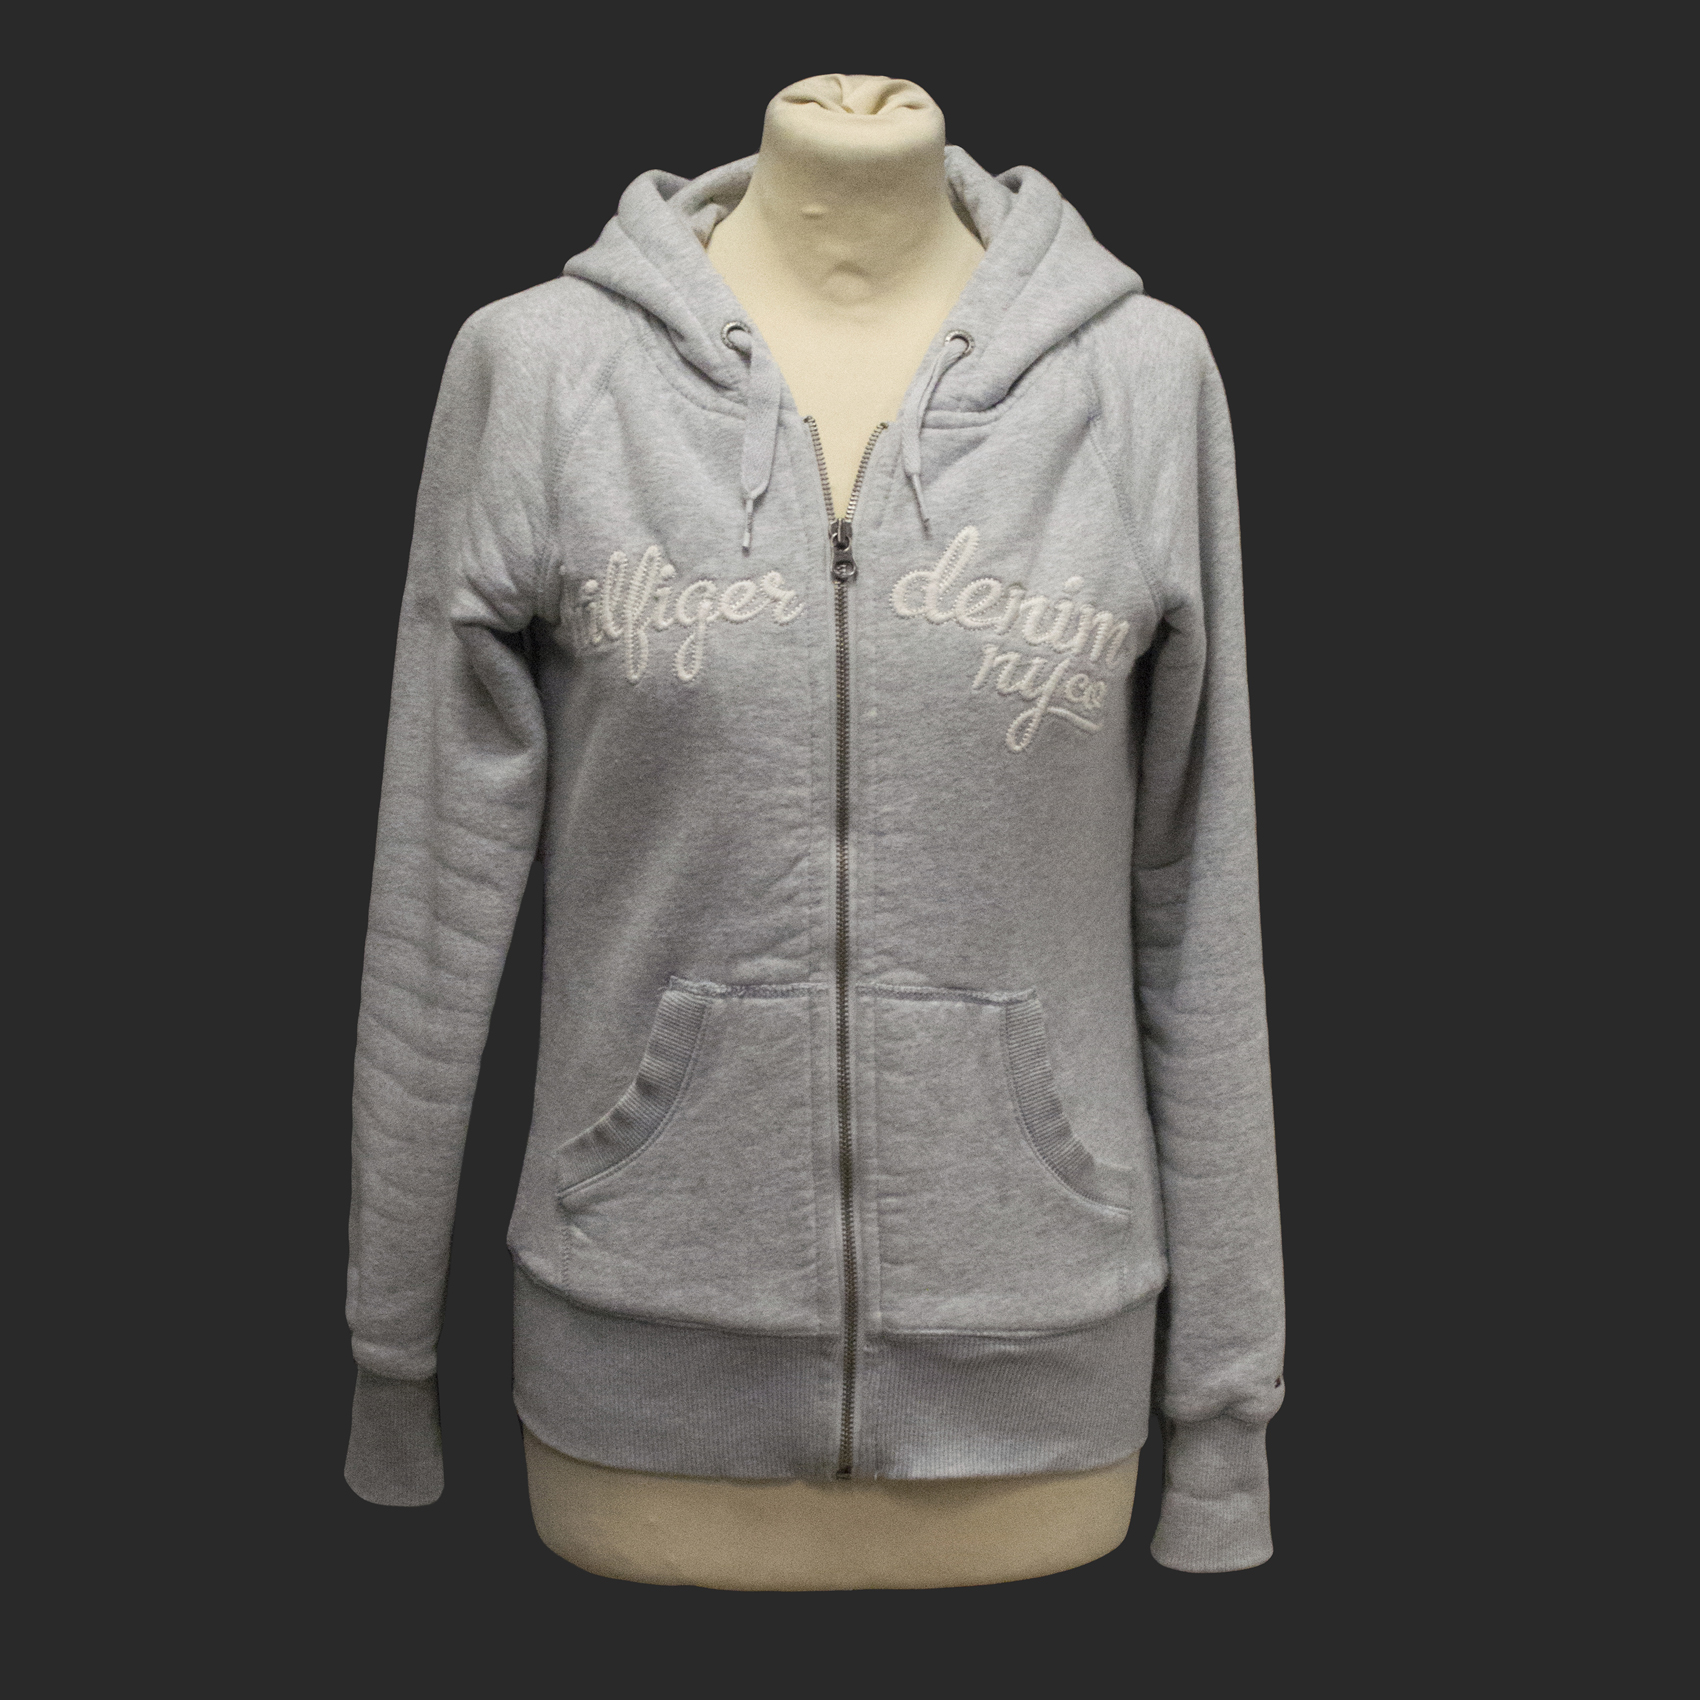 Tommy Hilfiger grey hooded jumper